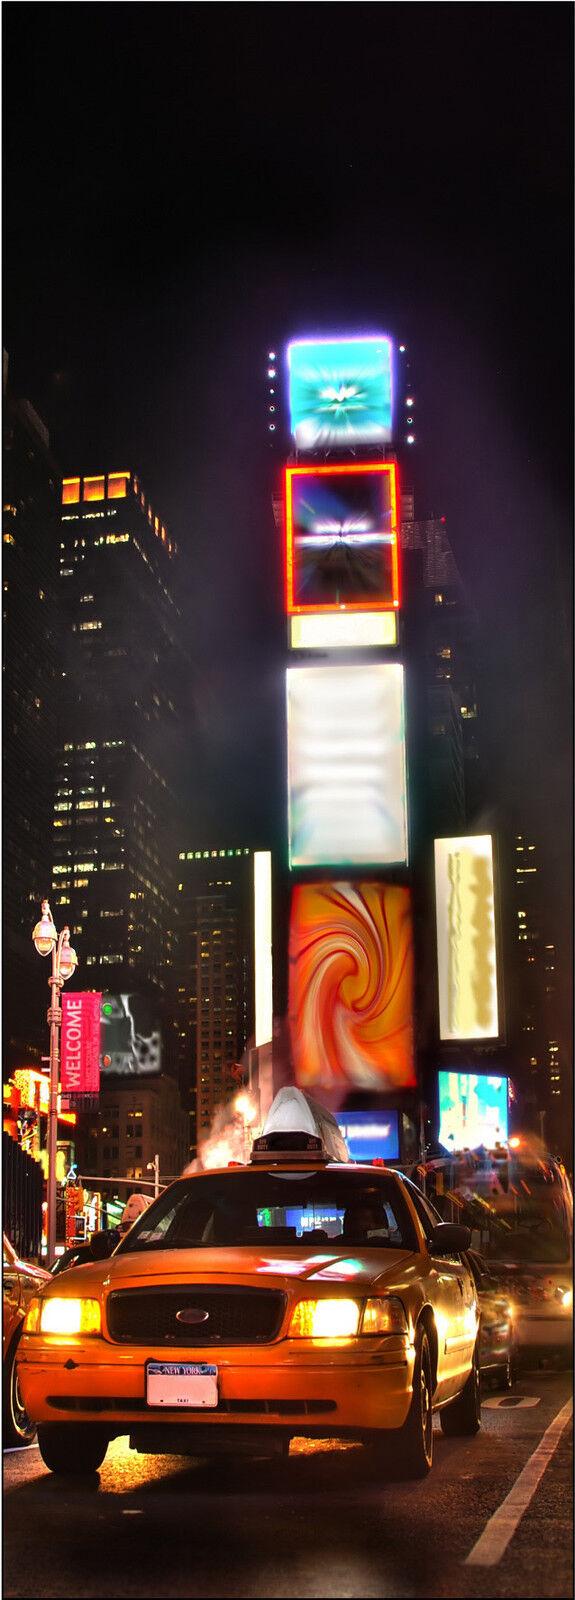 Plakat Plakat Tür Deko Schein Auge New York Taxi Ref 704 - 4 Größe